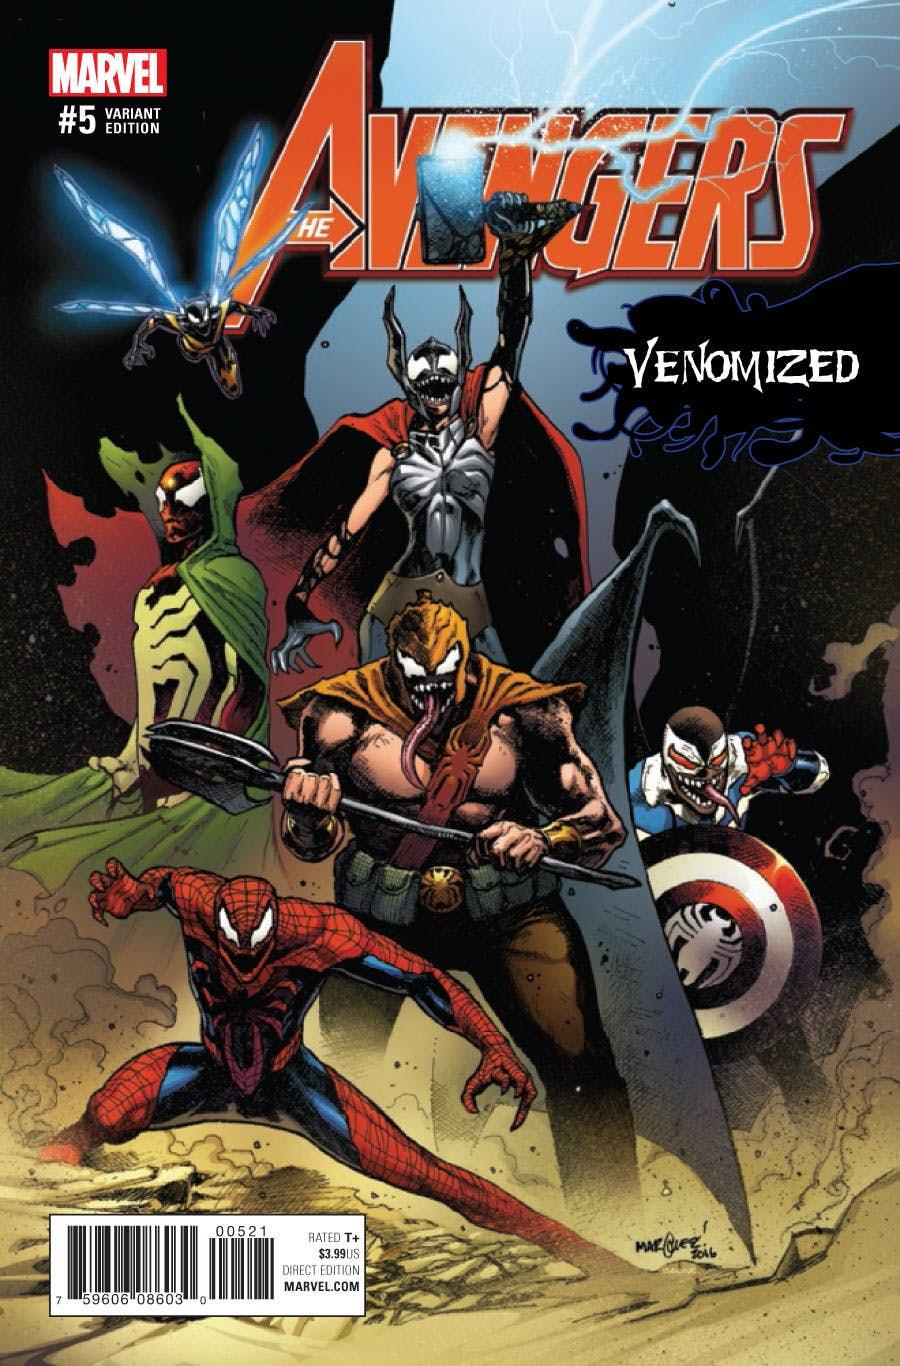 Avengers Vol 7 5 Venomized Variant.jpg